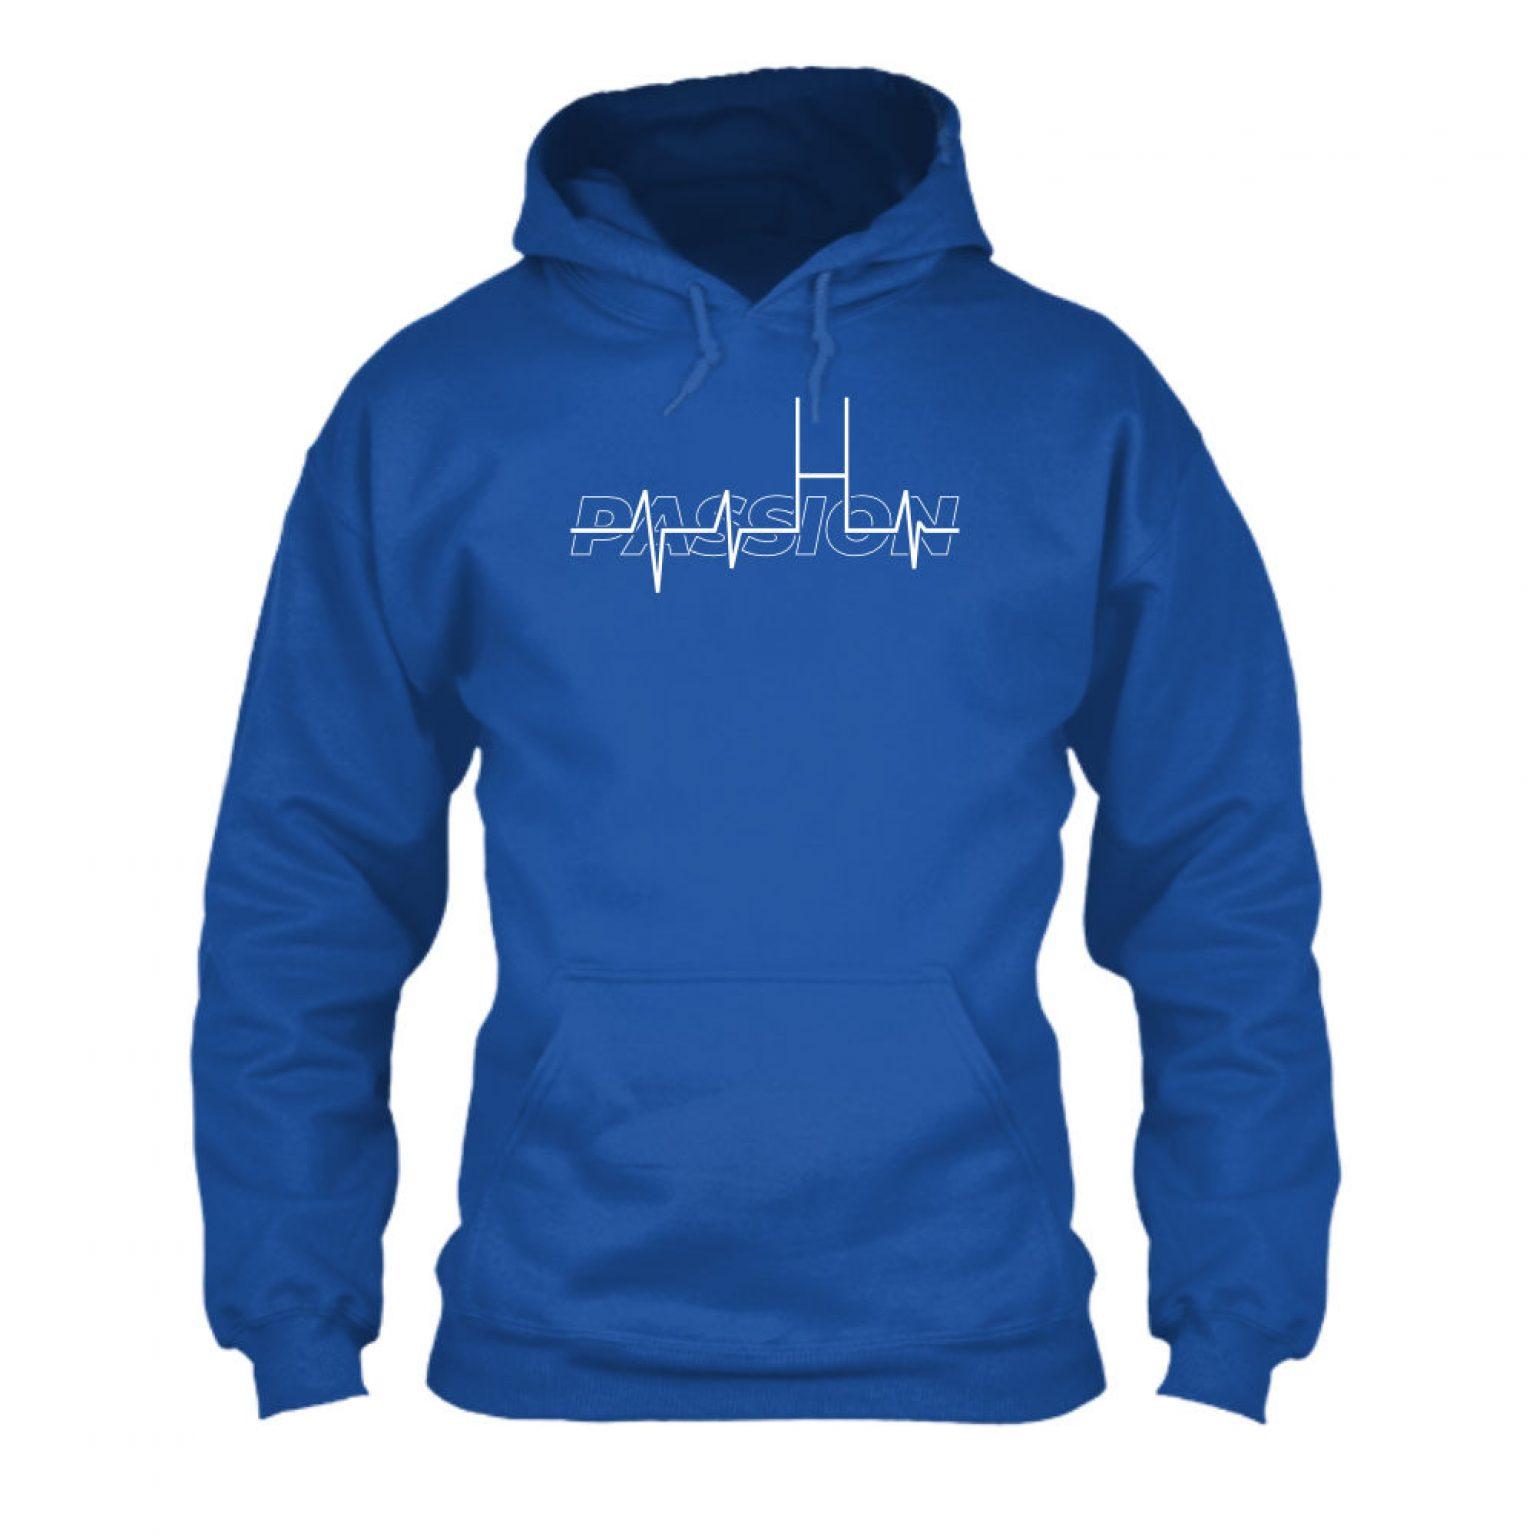 passion hoodie herren blue front